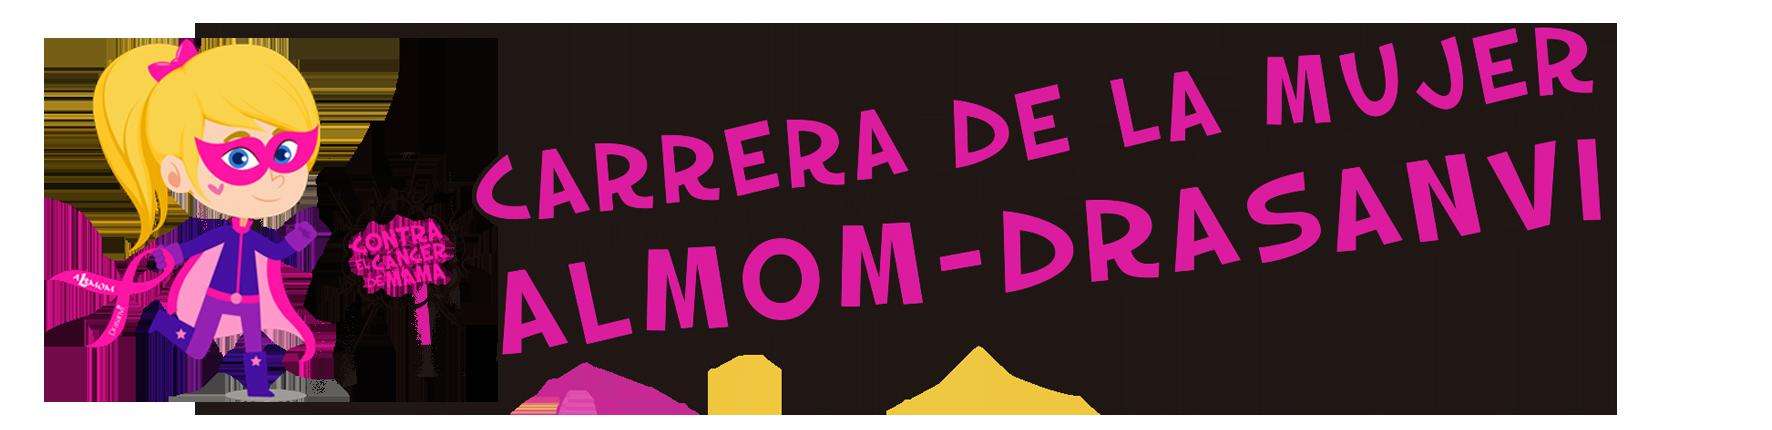 VI CARRERA DE LA MUJER (ALMOM-DRASANVI)